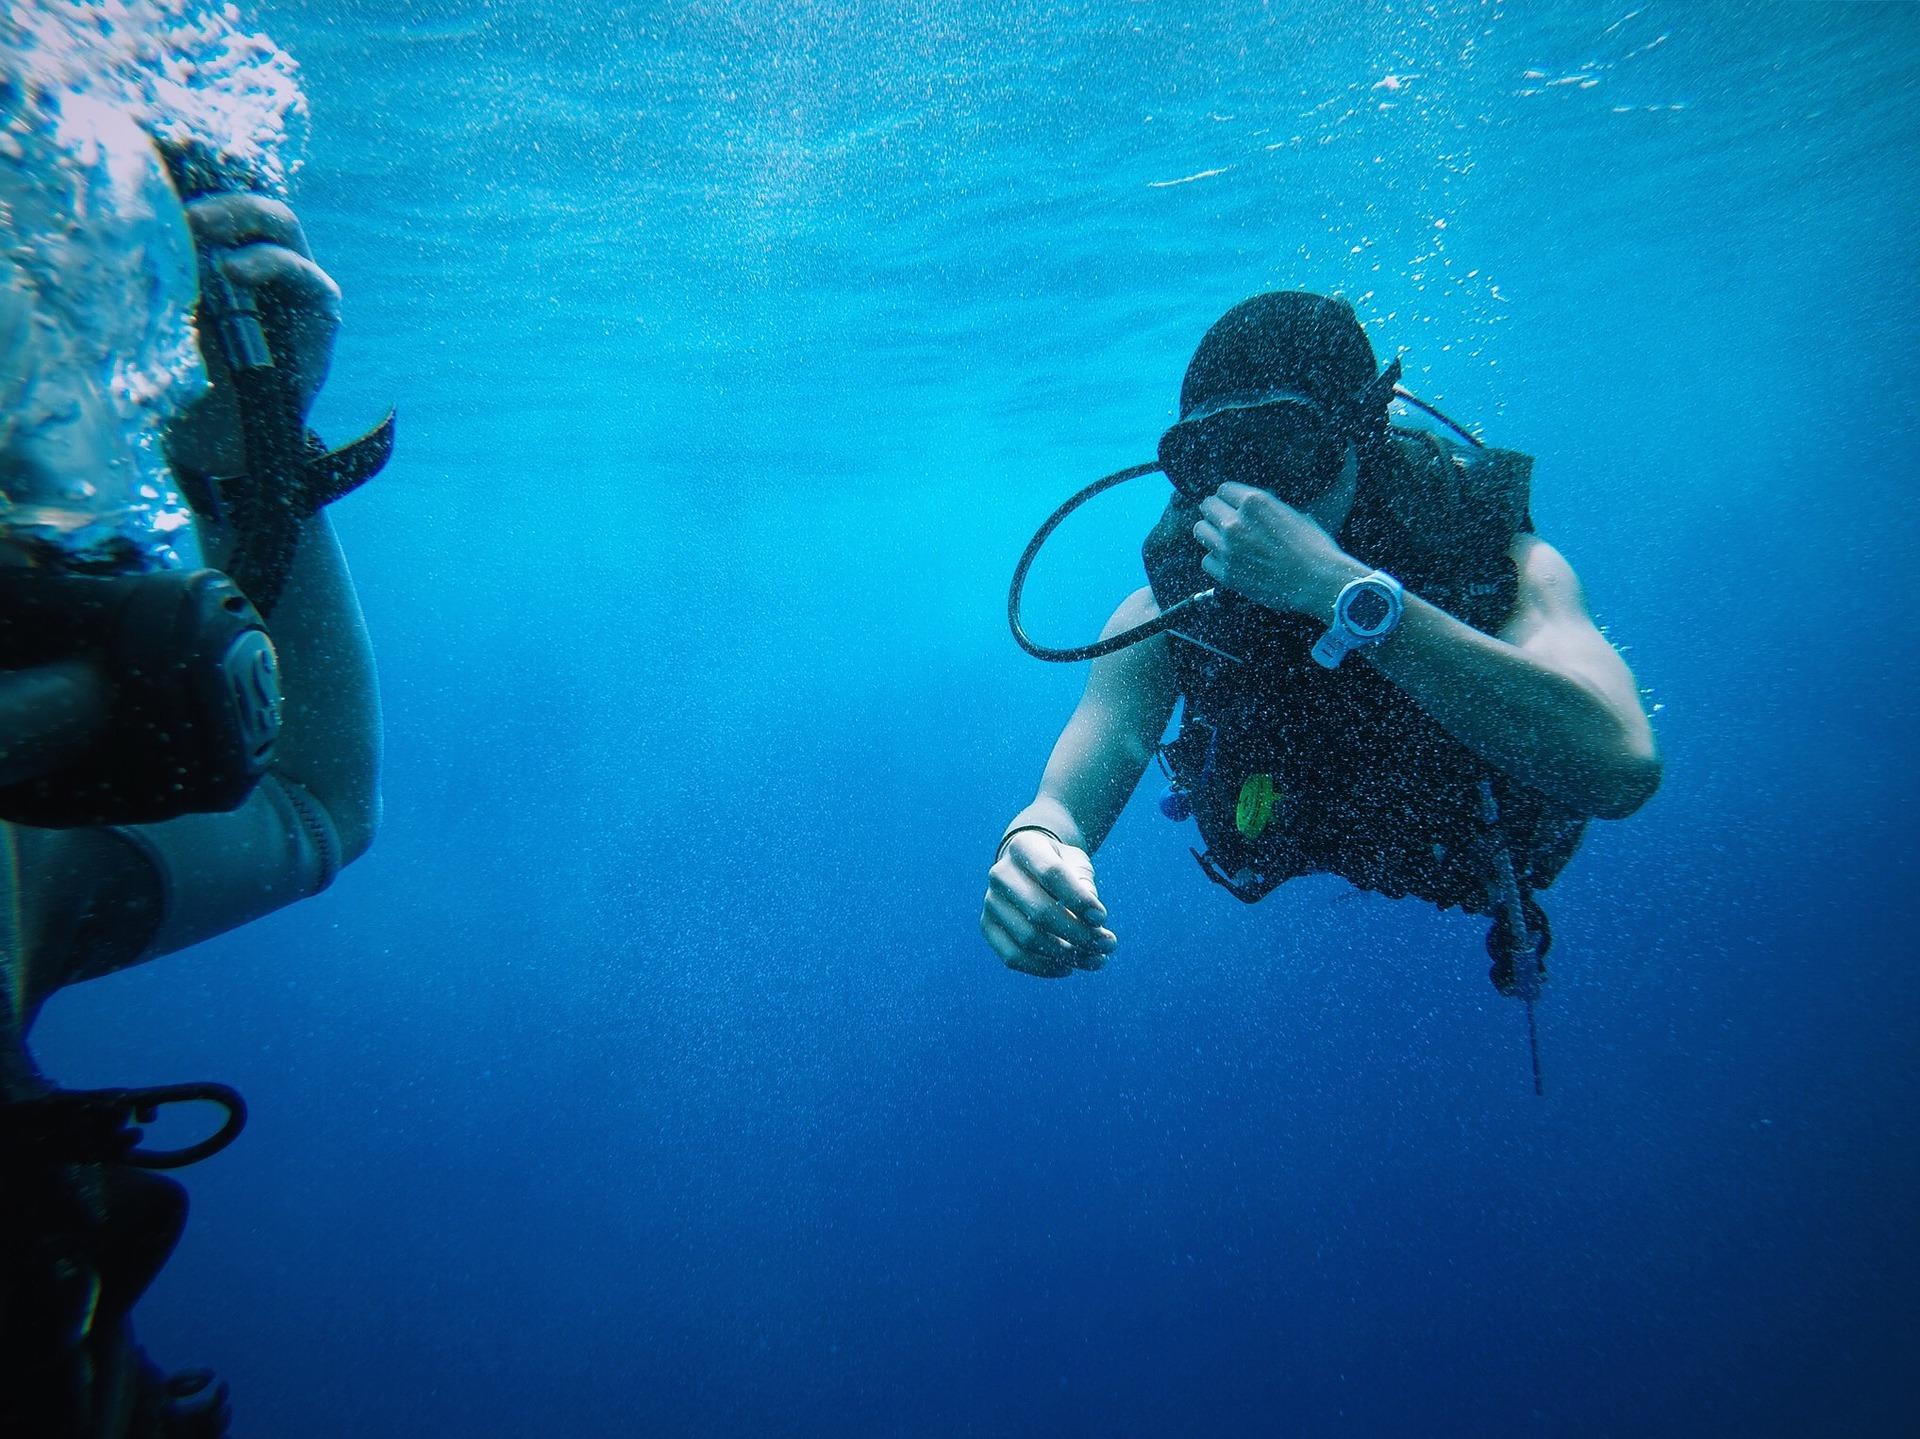 一押しダイブスポット、キーラーゴ島沖珊瑚礁で体験ダイビング(初心者向・日本人インストラクター付)